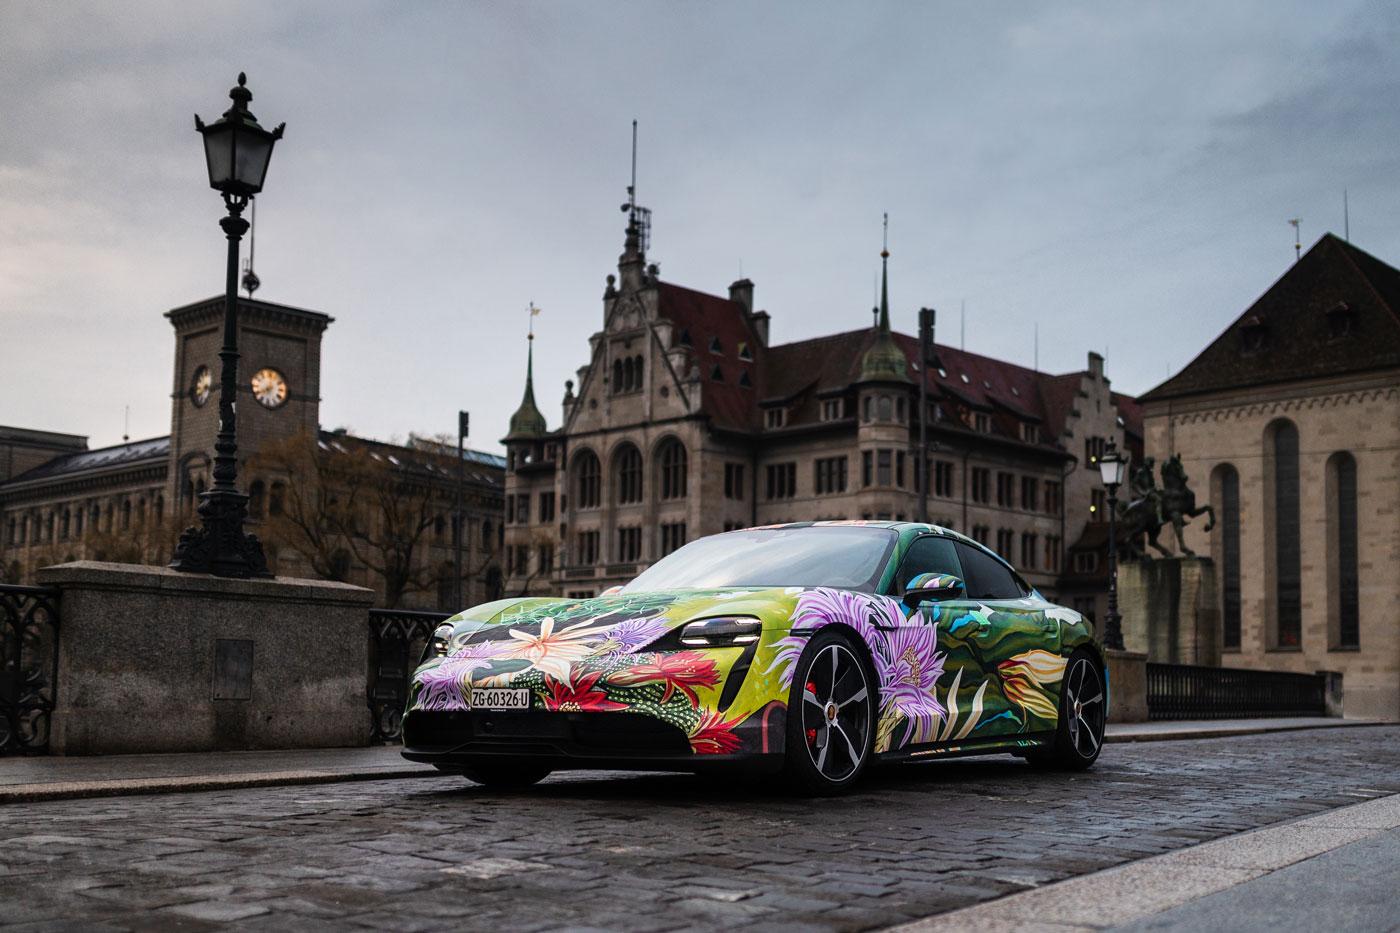 Porsche-Taycan-Art-Car-4